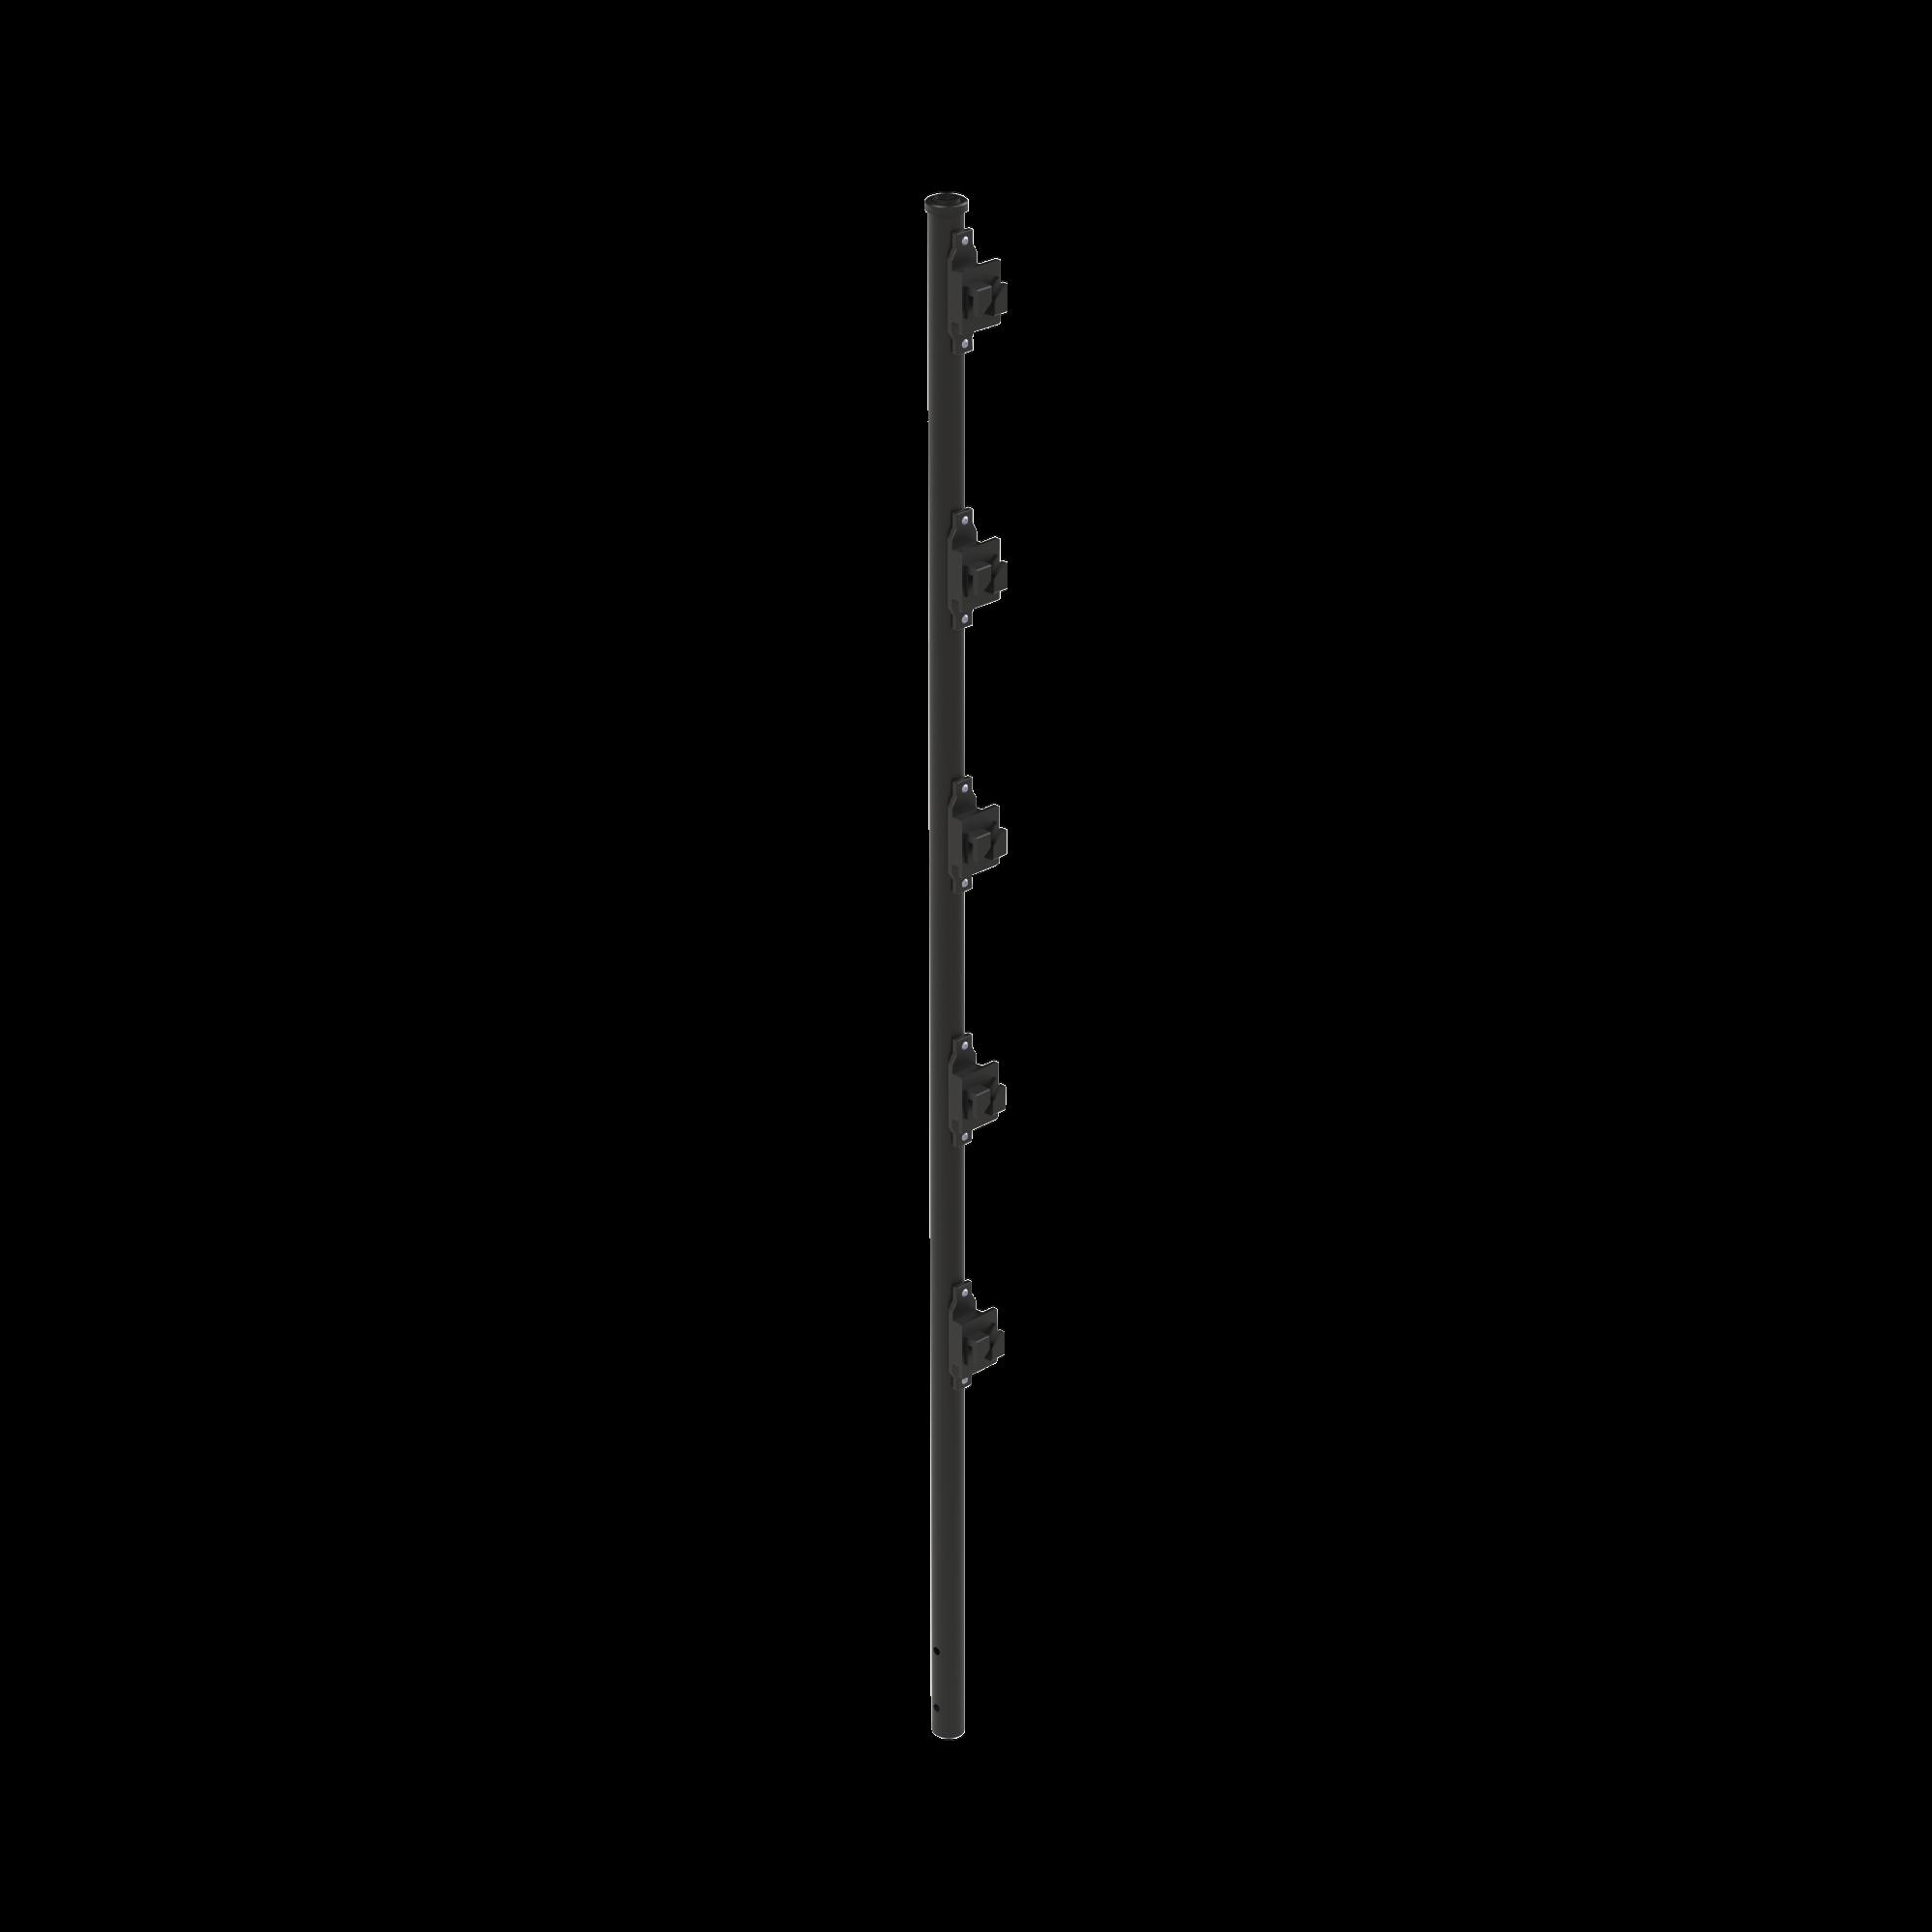 Poste con 5 Aisladores de PASO  para Cerca Electrificada. Tubo Galvanizado de 1.2m, cal. 18 de 1 Diam. + Pintura Negra Aplicación en Polvo.